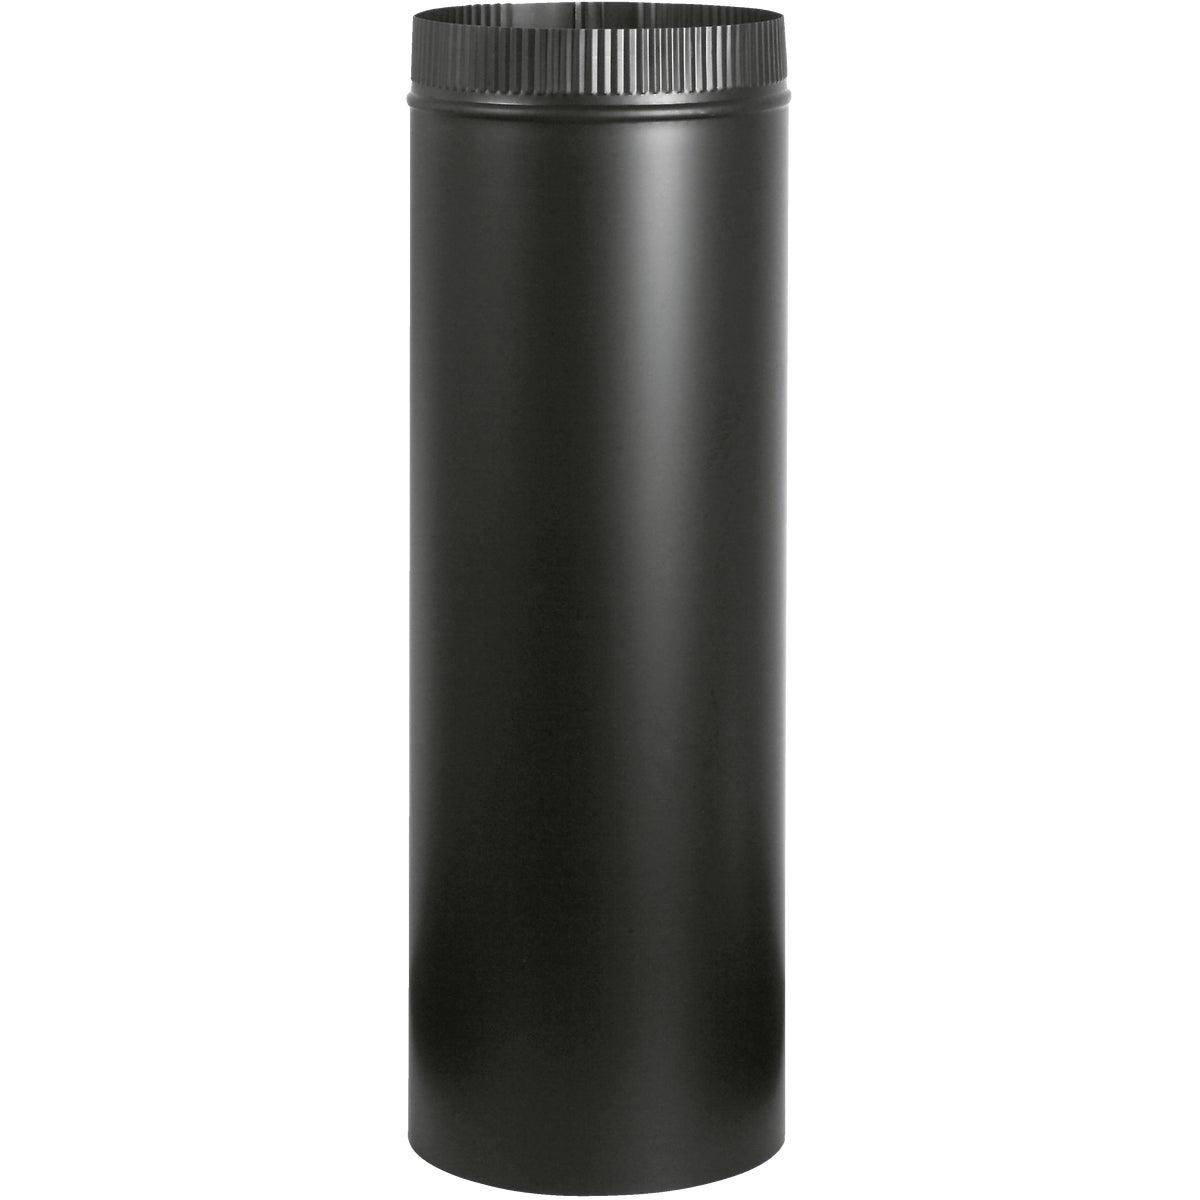 7X24 BLACK STOVE PIPE